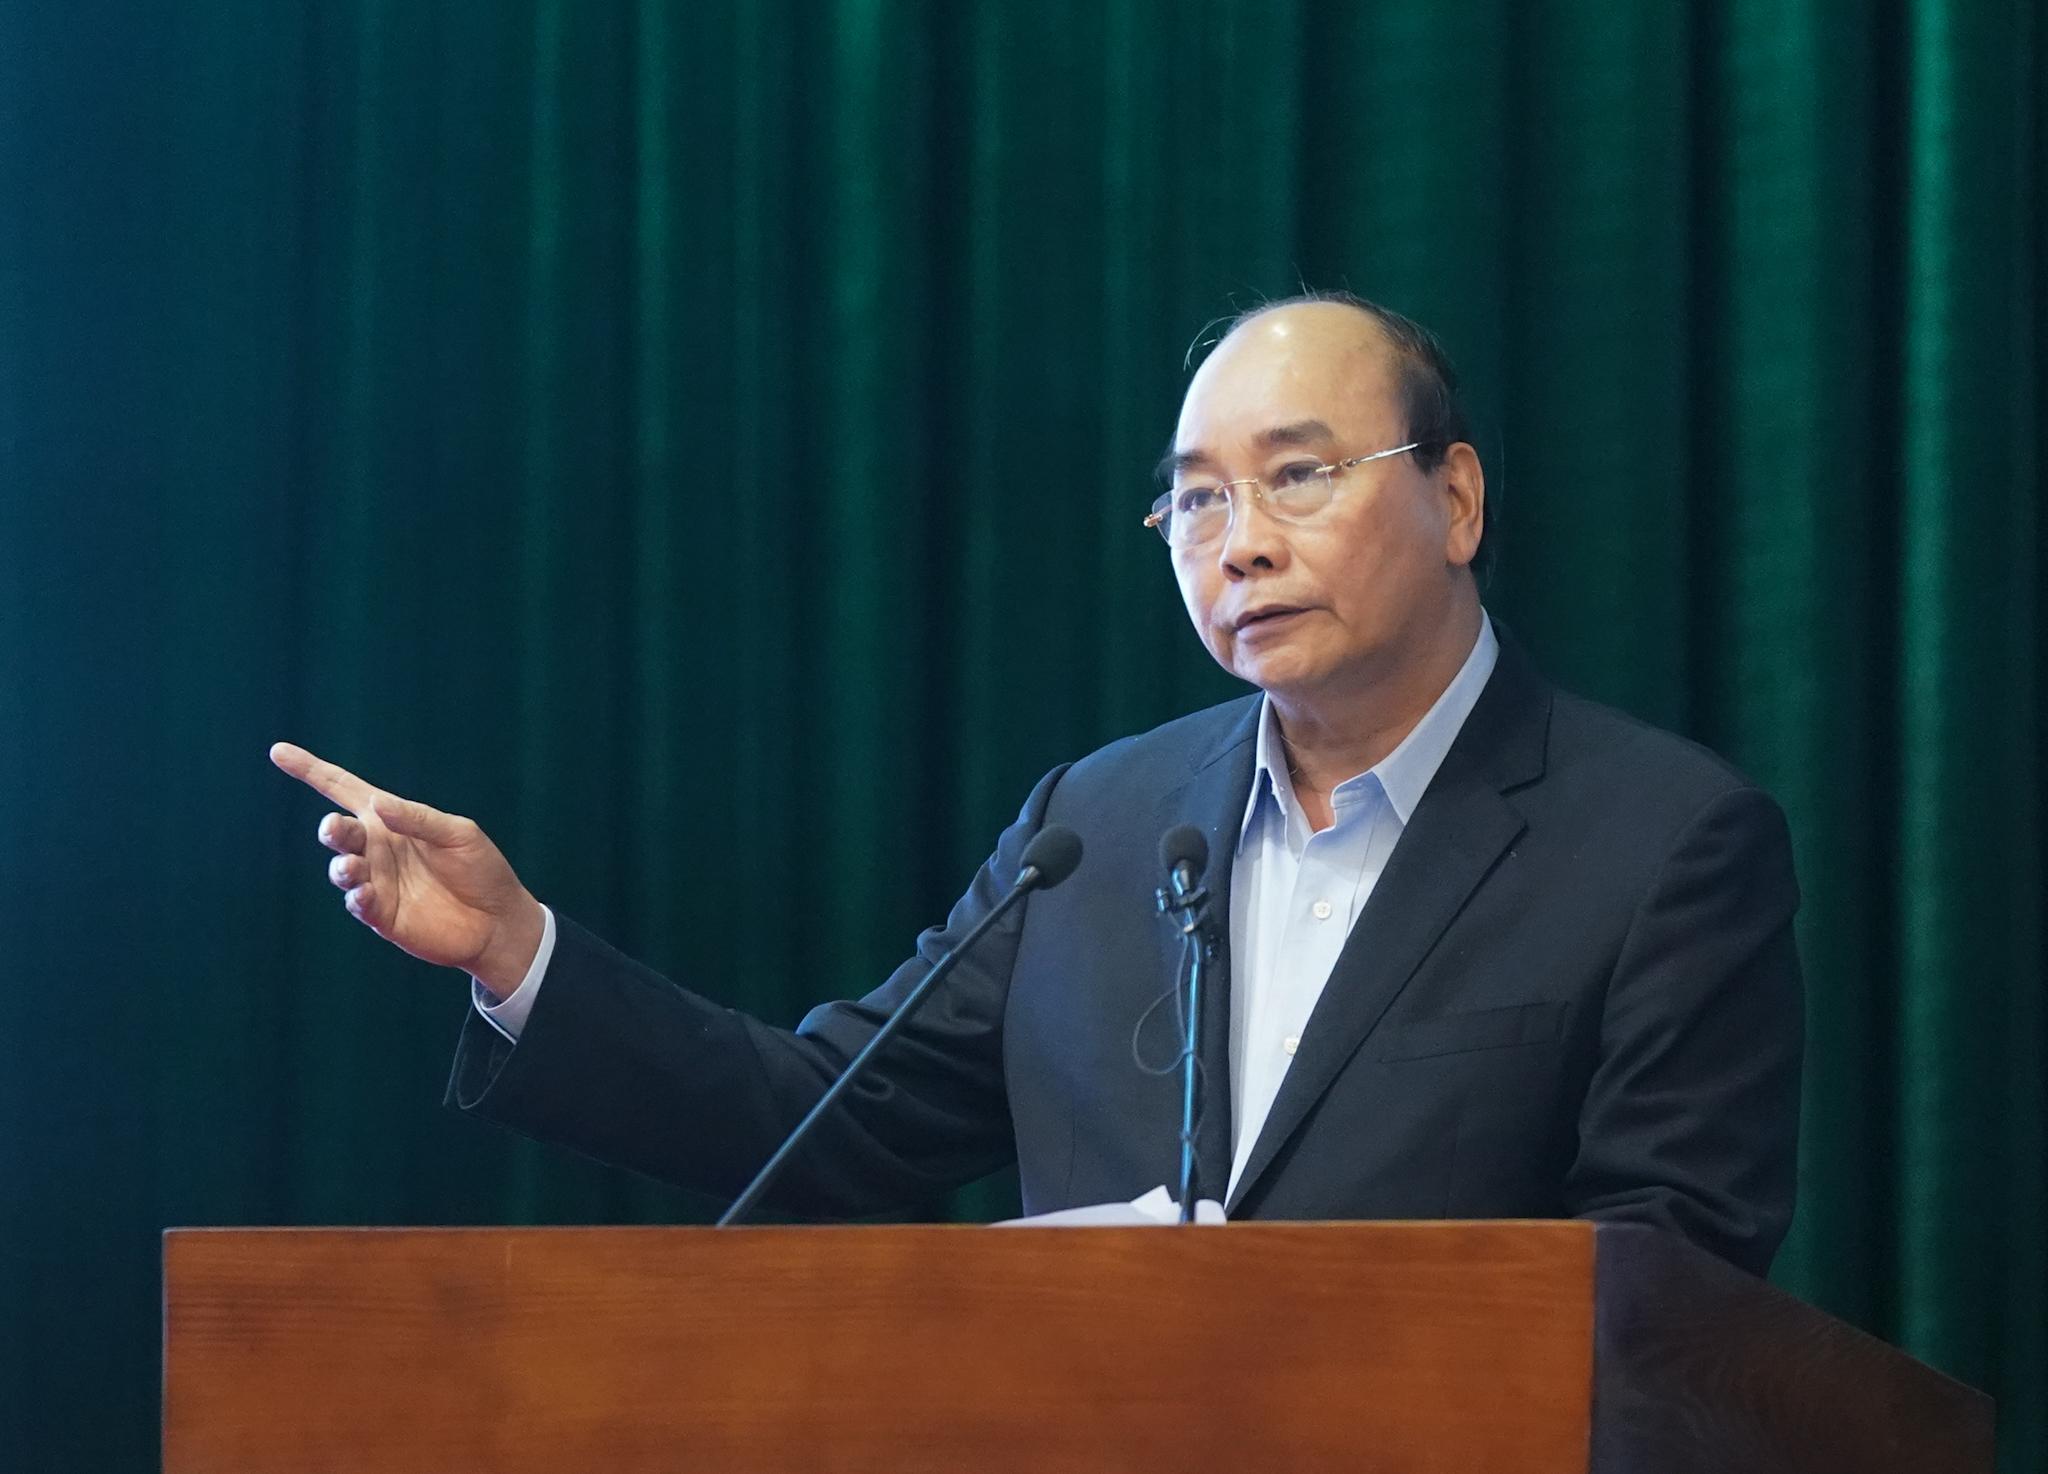 Thủ tướng Nguyễn Xuân Phúc làm việc trực tuyến với 50 điểm cầu trong toàn quân để kiểm tra công tác phòng chống dịch COVID-19